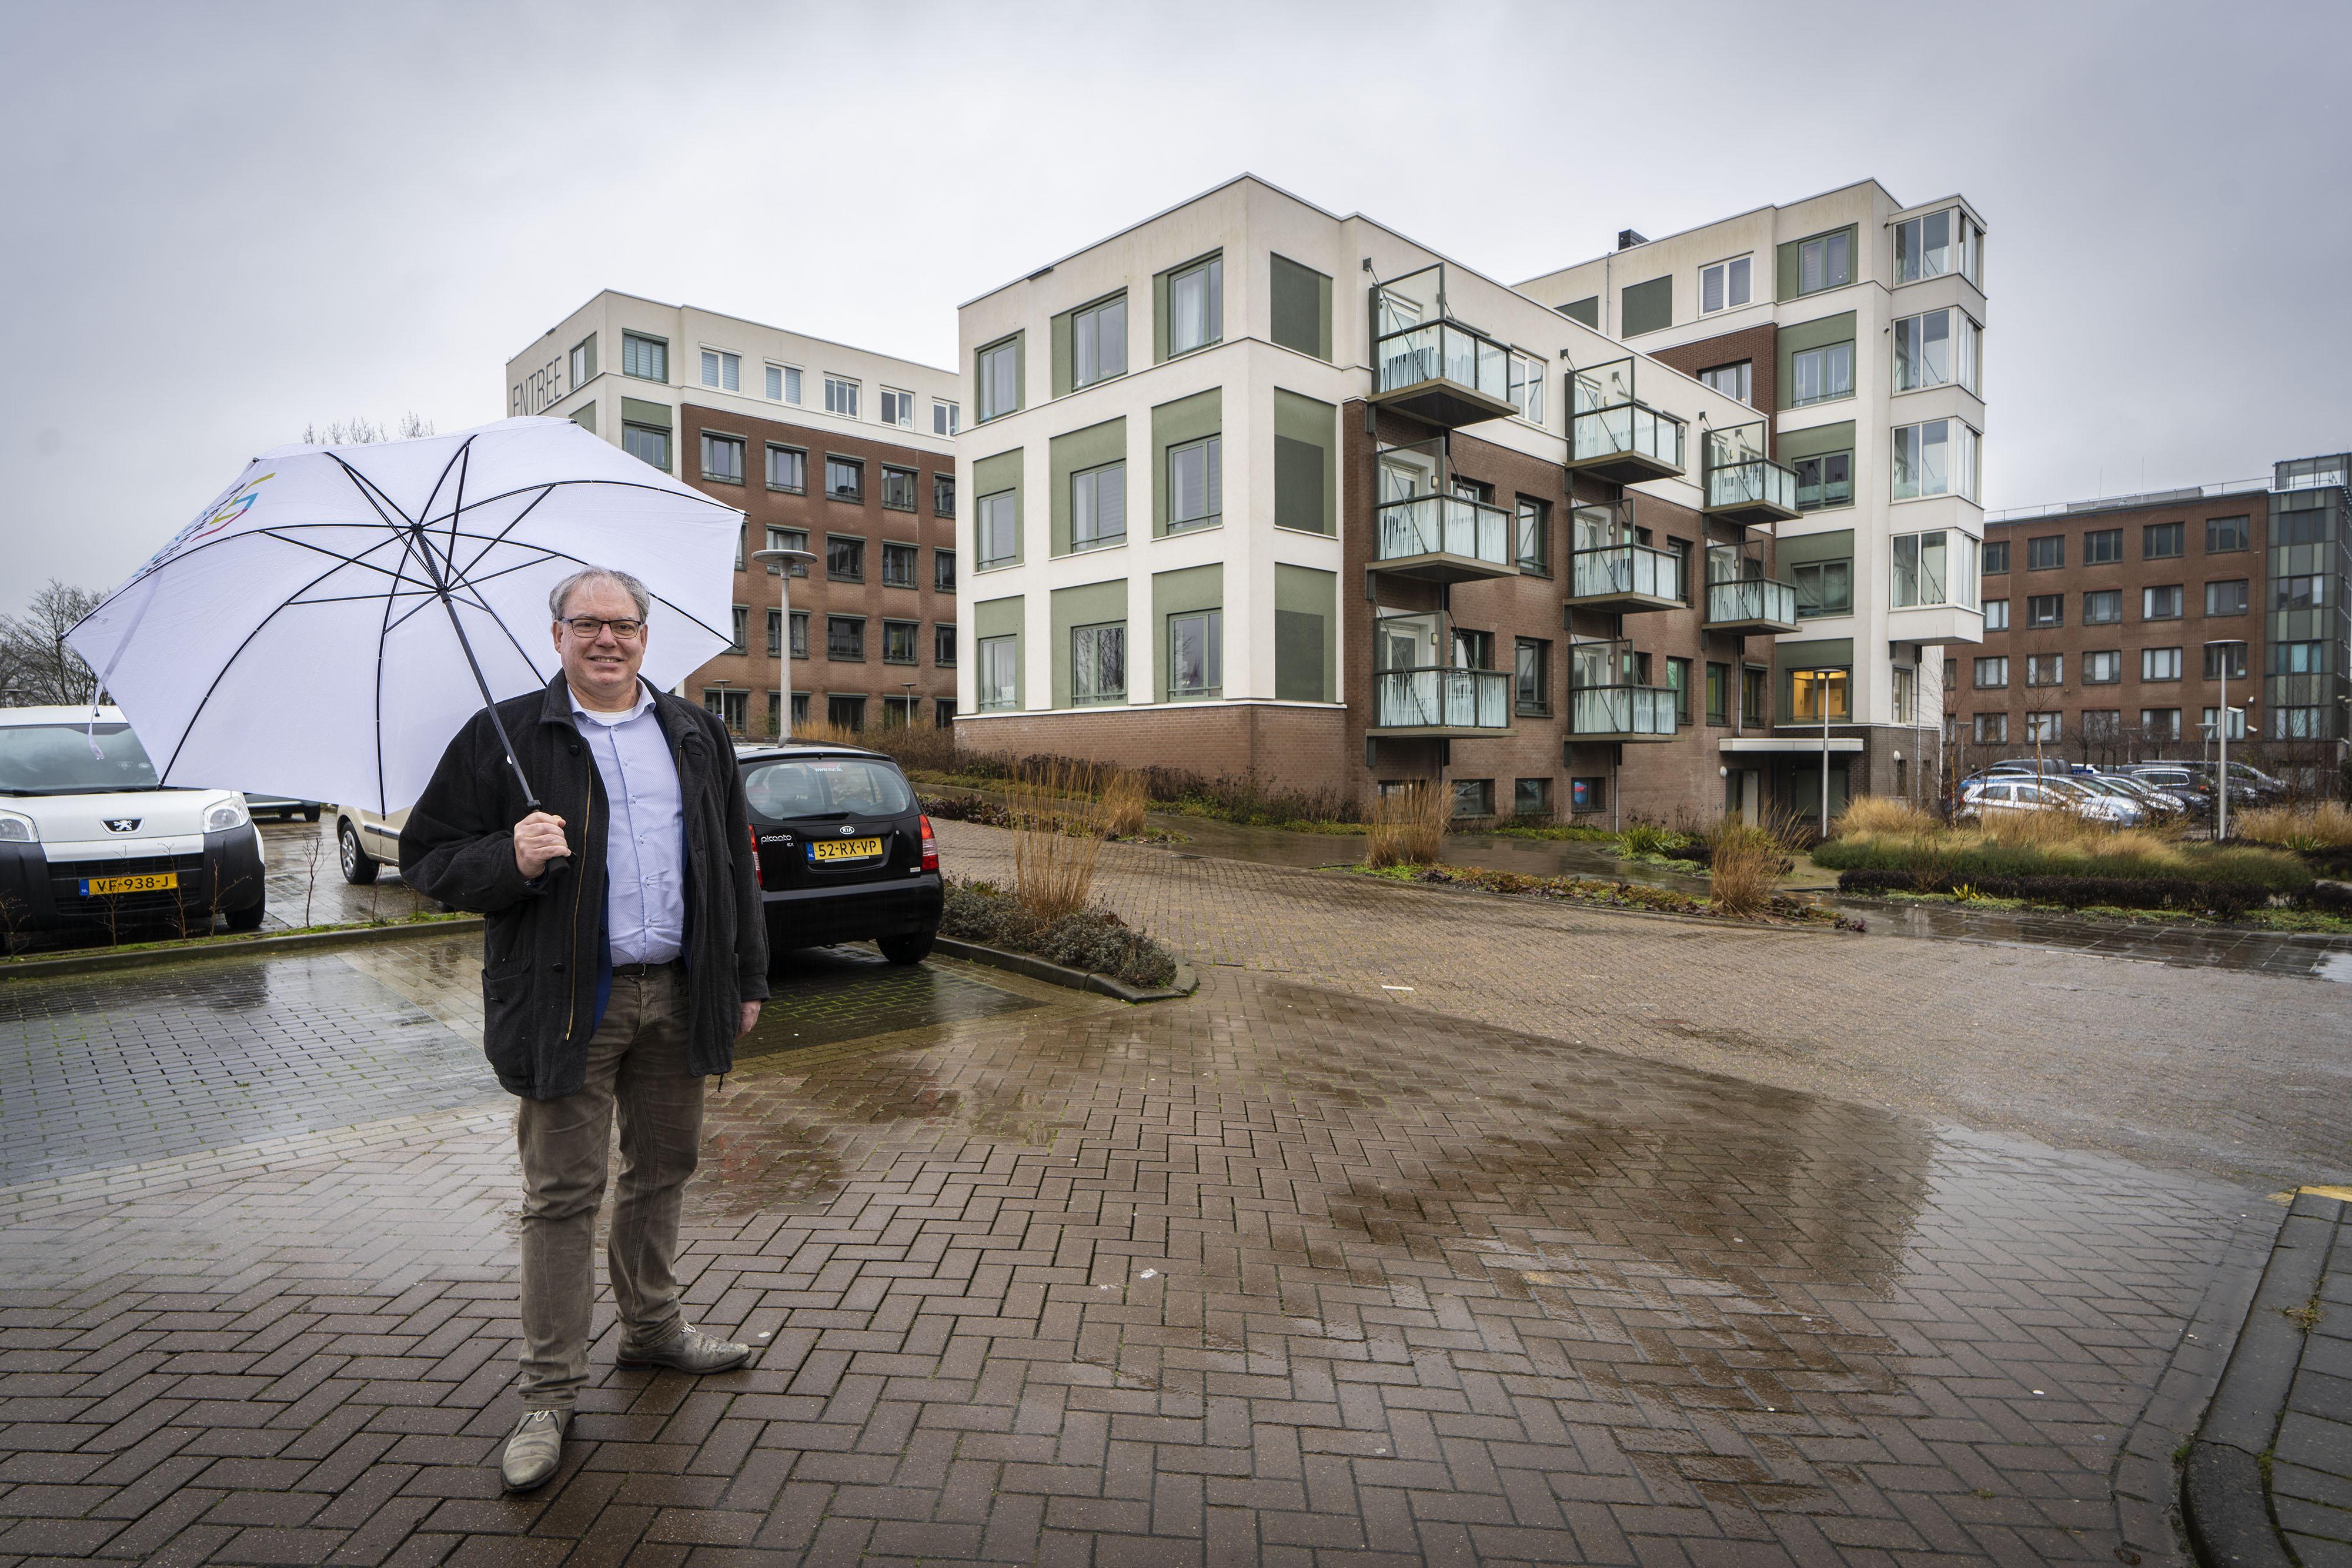 Rijnhart-directeur Chrétien Mommers wil in tien jaar duizend huizen bouwen in Leiderdorp